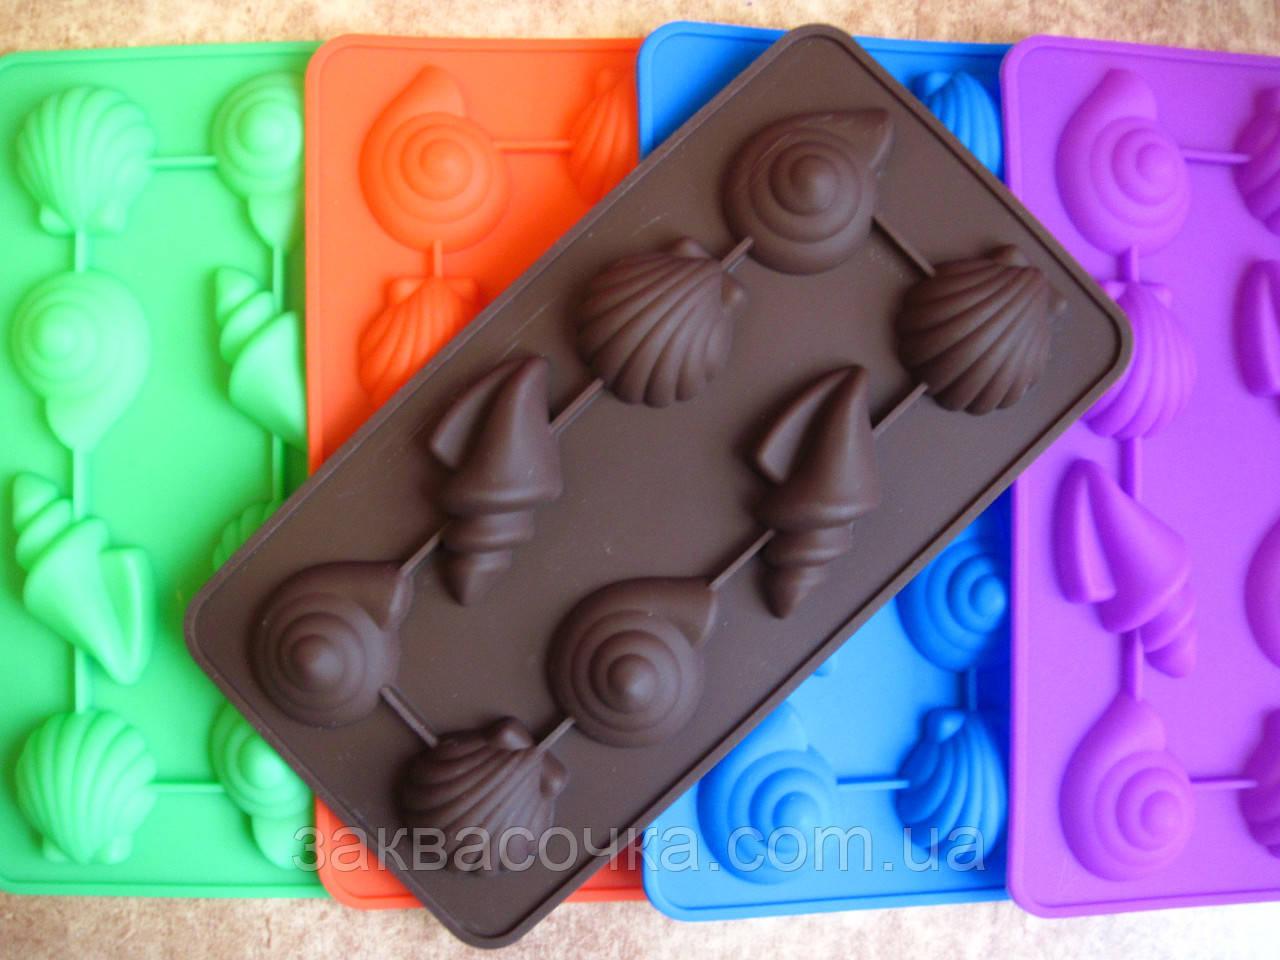 Форма РАКУШКИ (силиконовая,для конфет)